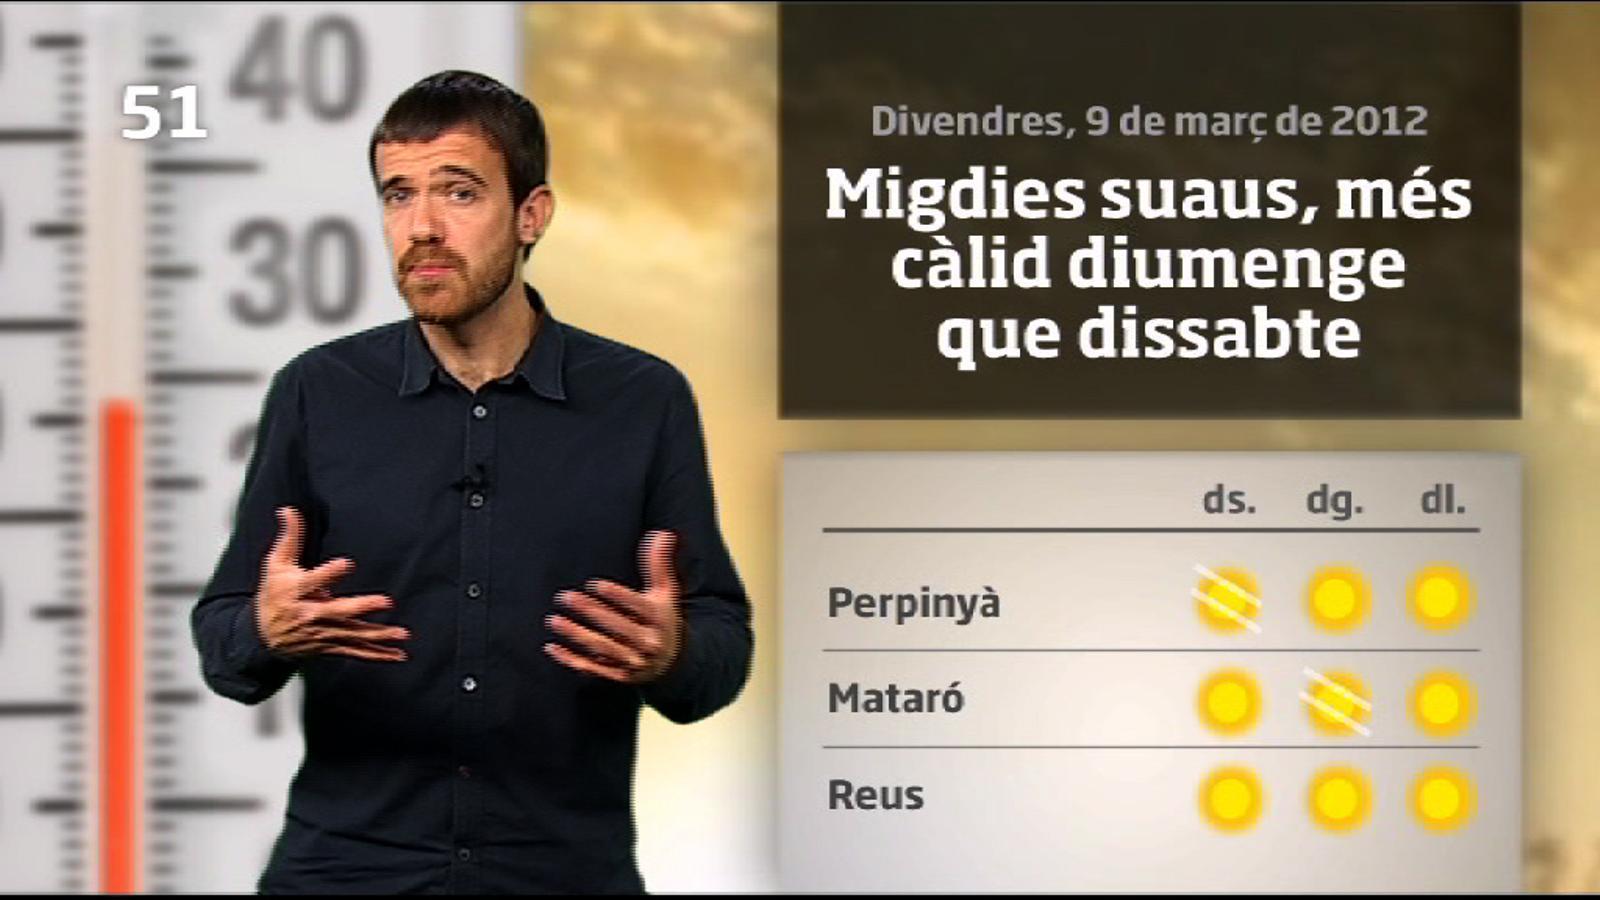 La méteo en 1 minut: sol i migdies una mica més càlids (10/03/2012)